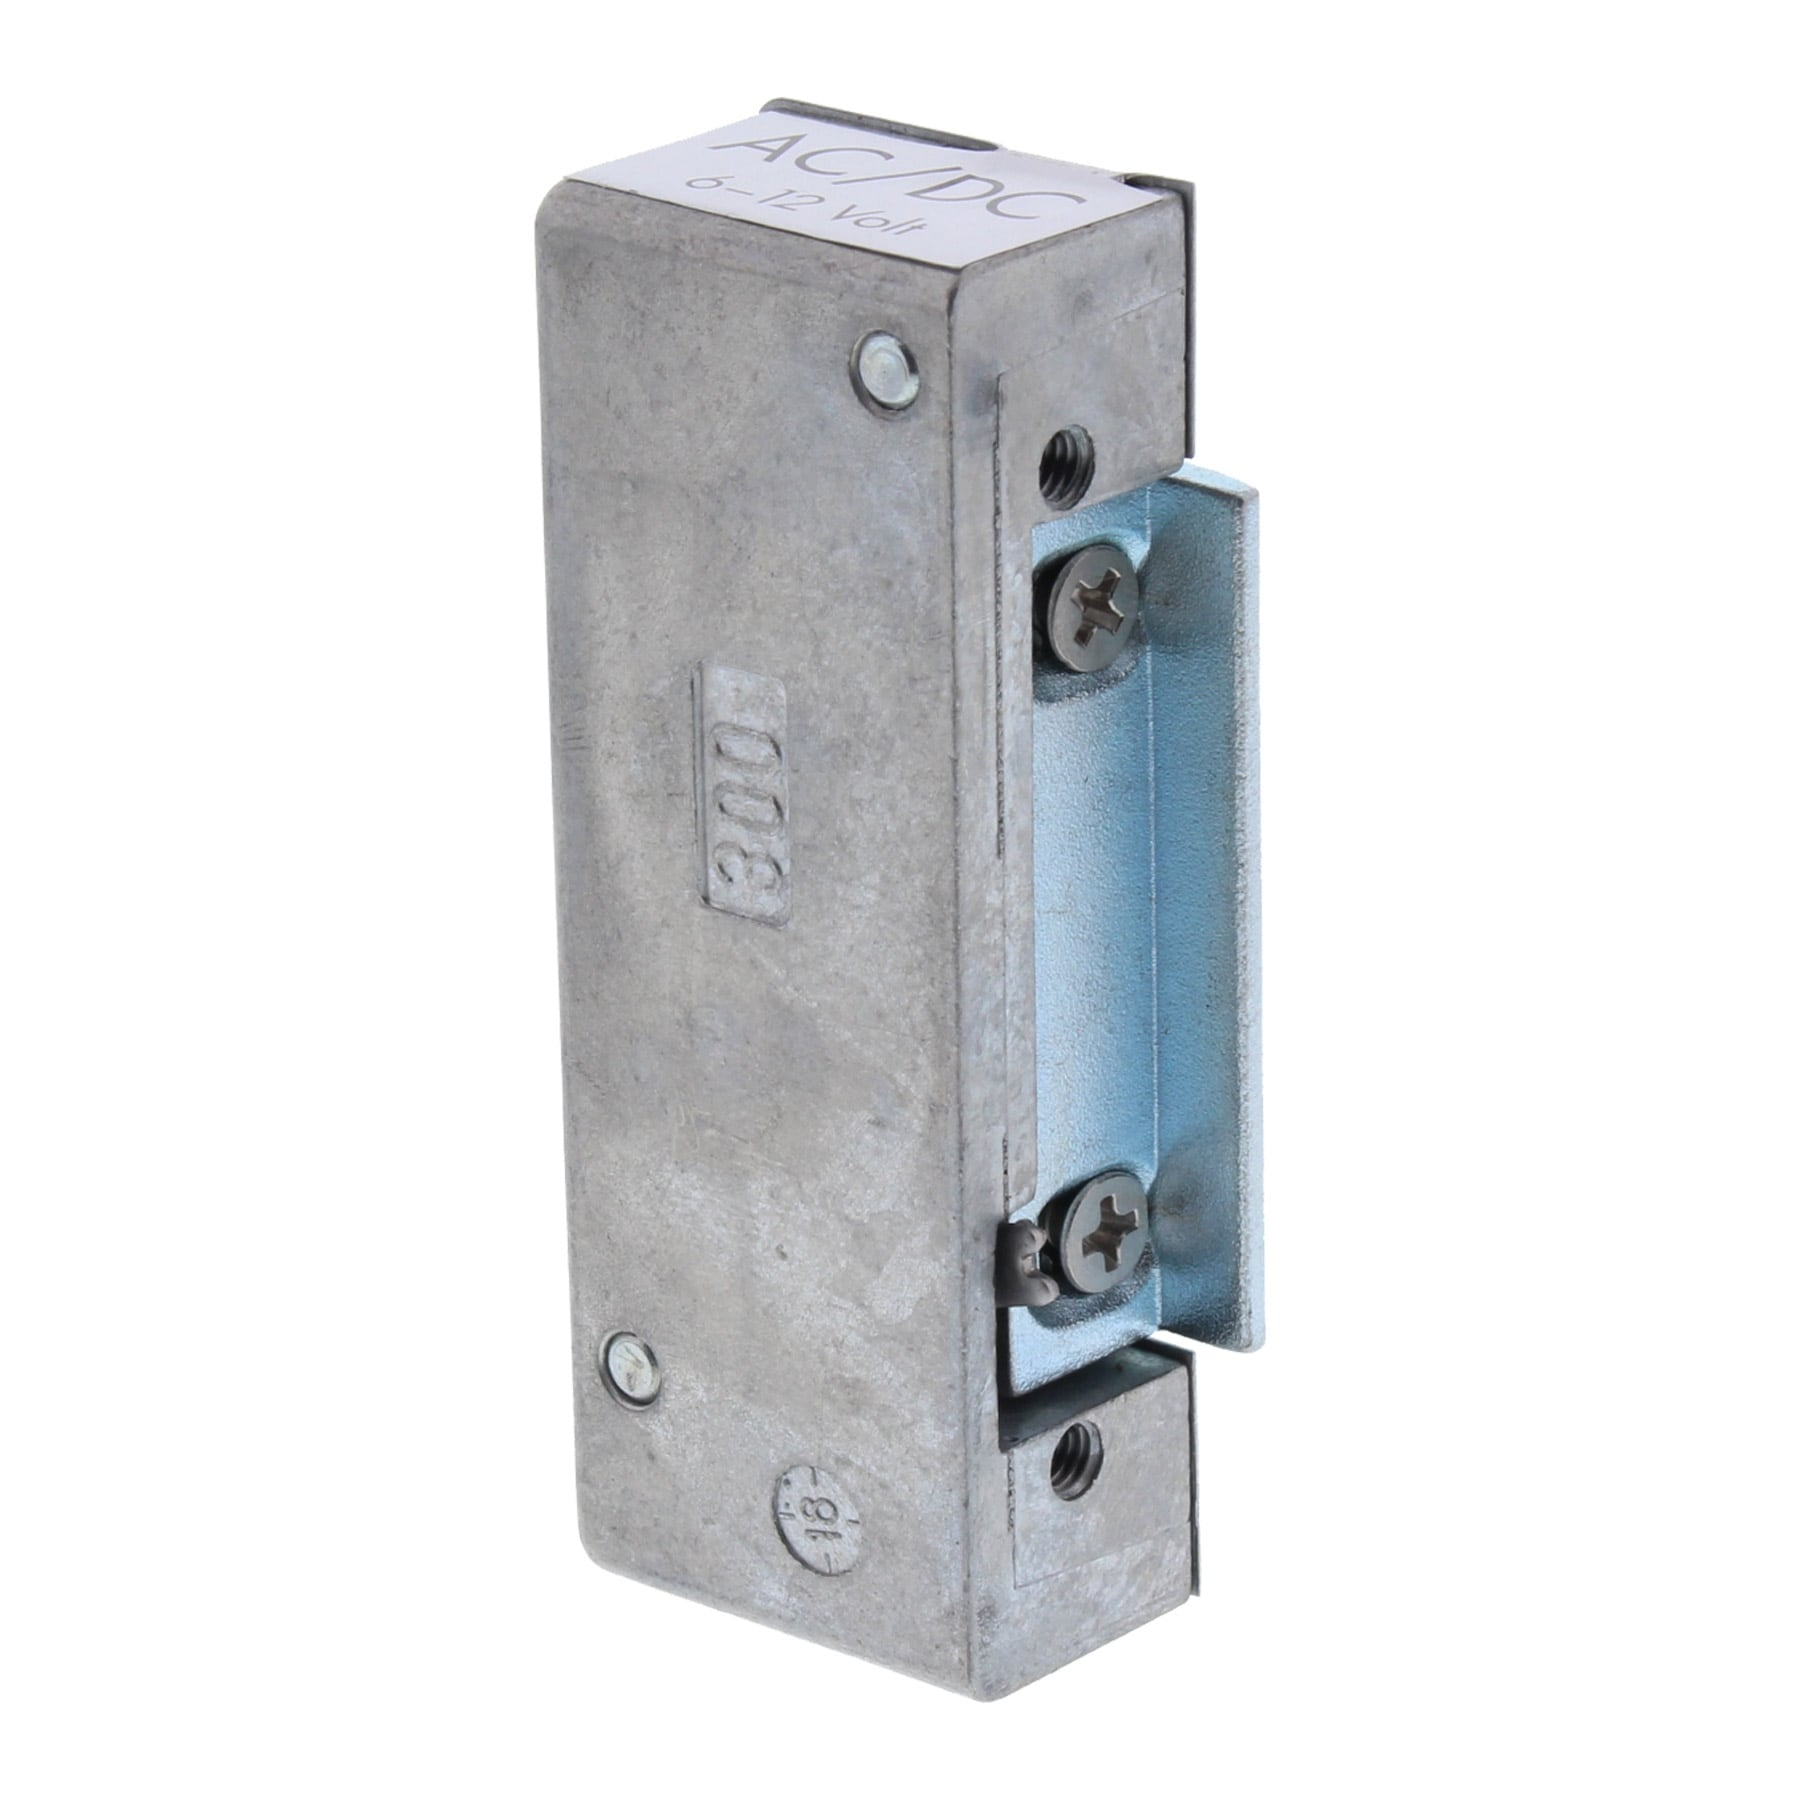 effeff Elektrischer Türöffner E-Öffner 118E.351 Profix 2 10-24V ohne Schließblec